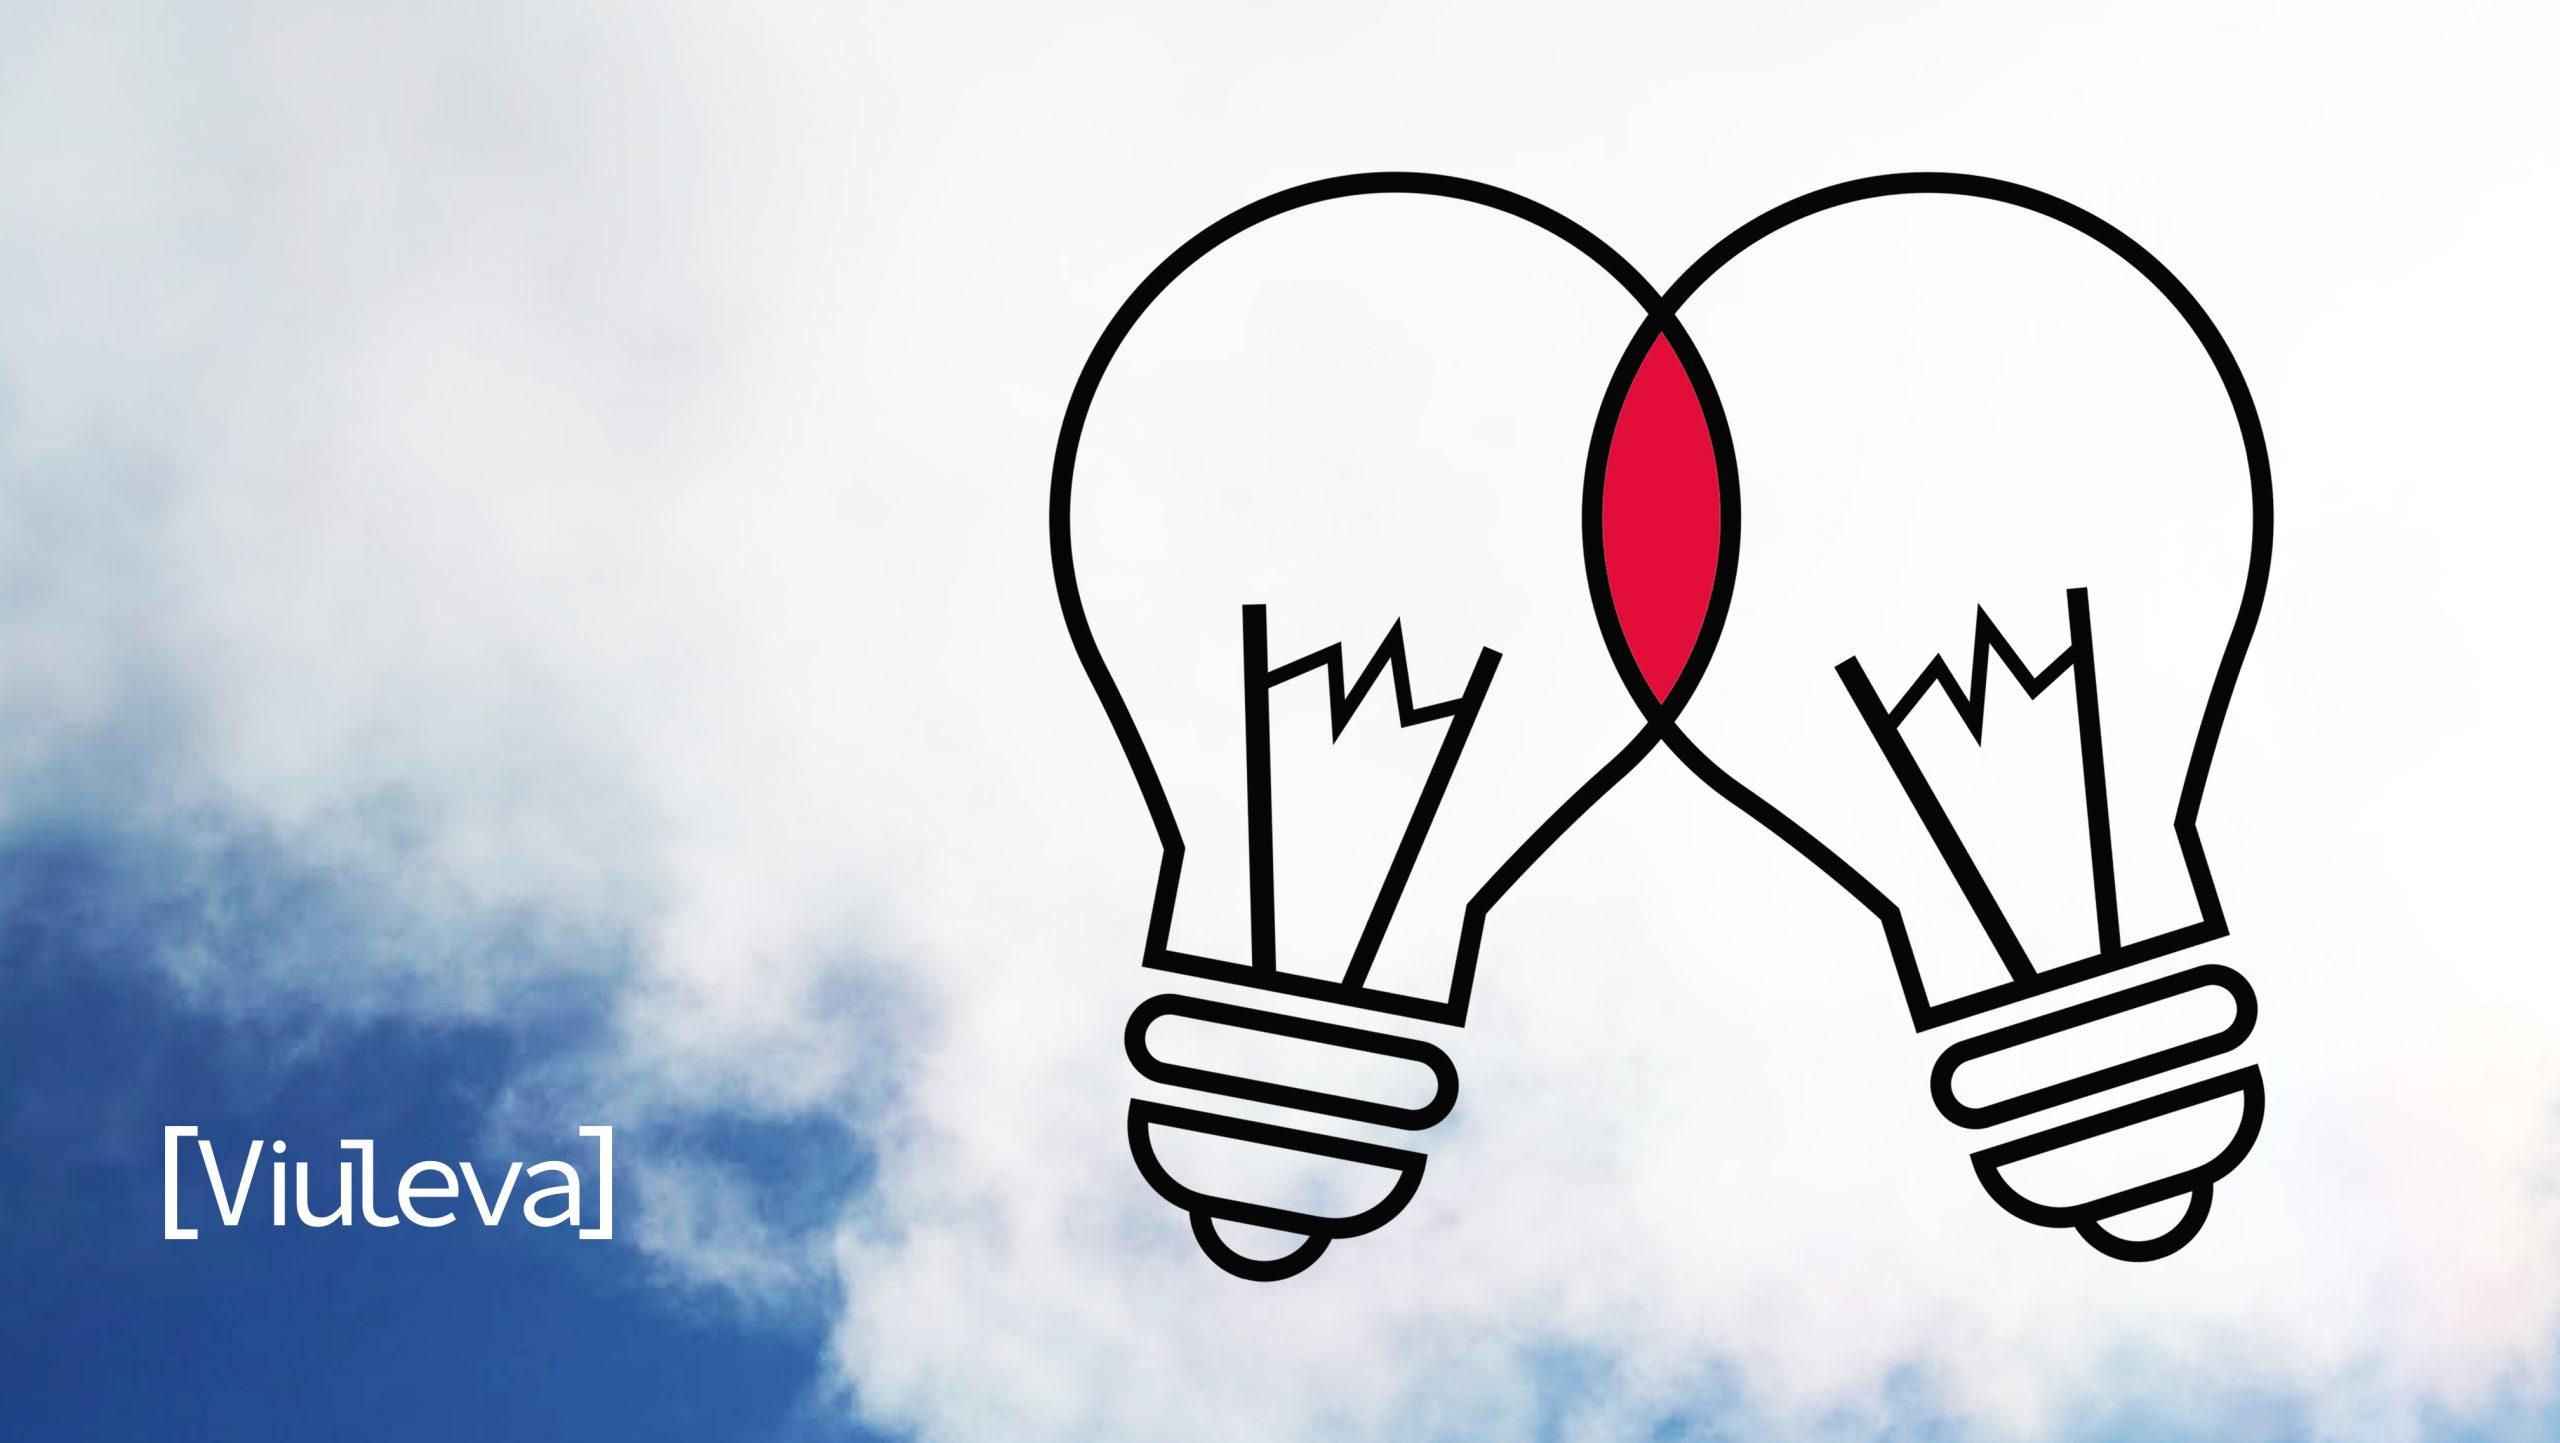 Viuleva Blogi Miten Pk Yritys Onnistuu Paremmin Markkinointikumppanin Kanssa